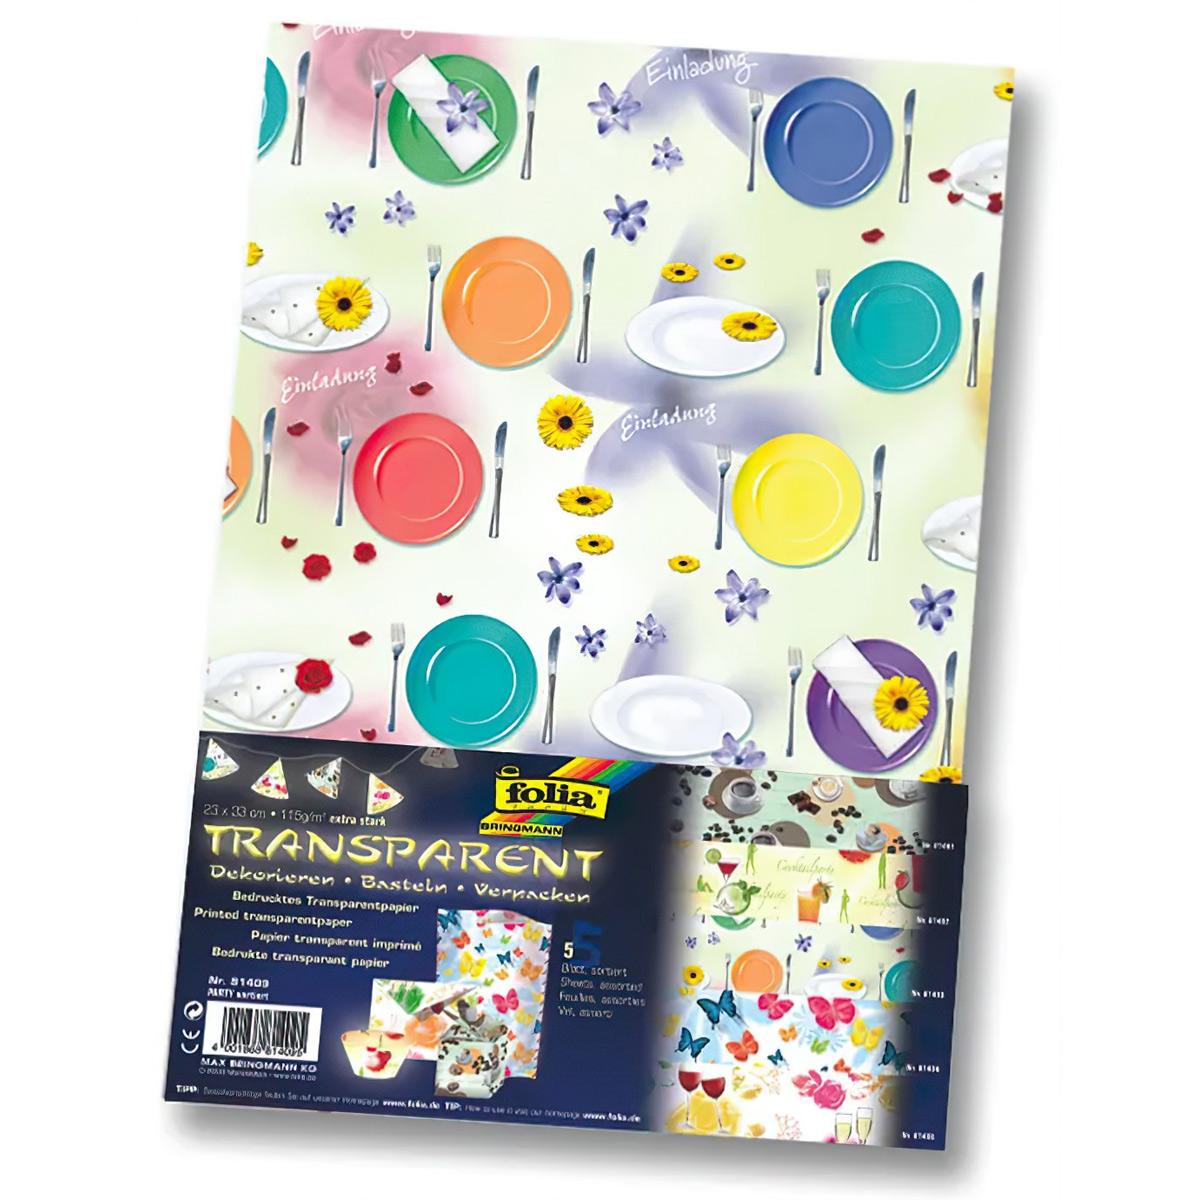 81409 Транспарентная бумага 'Вечеринка', 115 г/м², 23*33 см, упак./5 листов, Folia